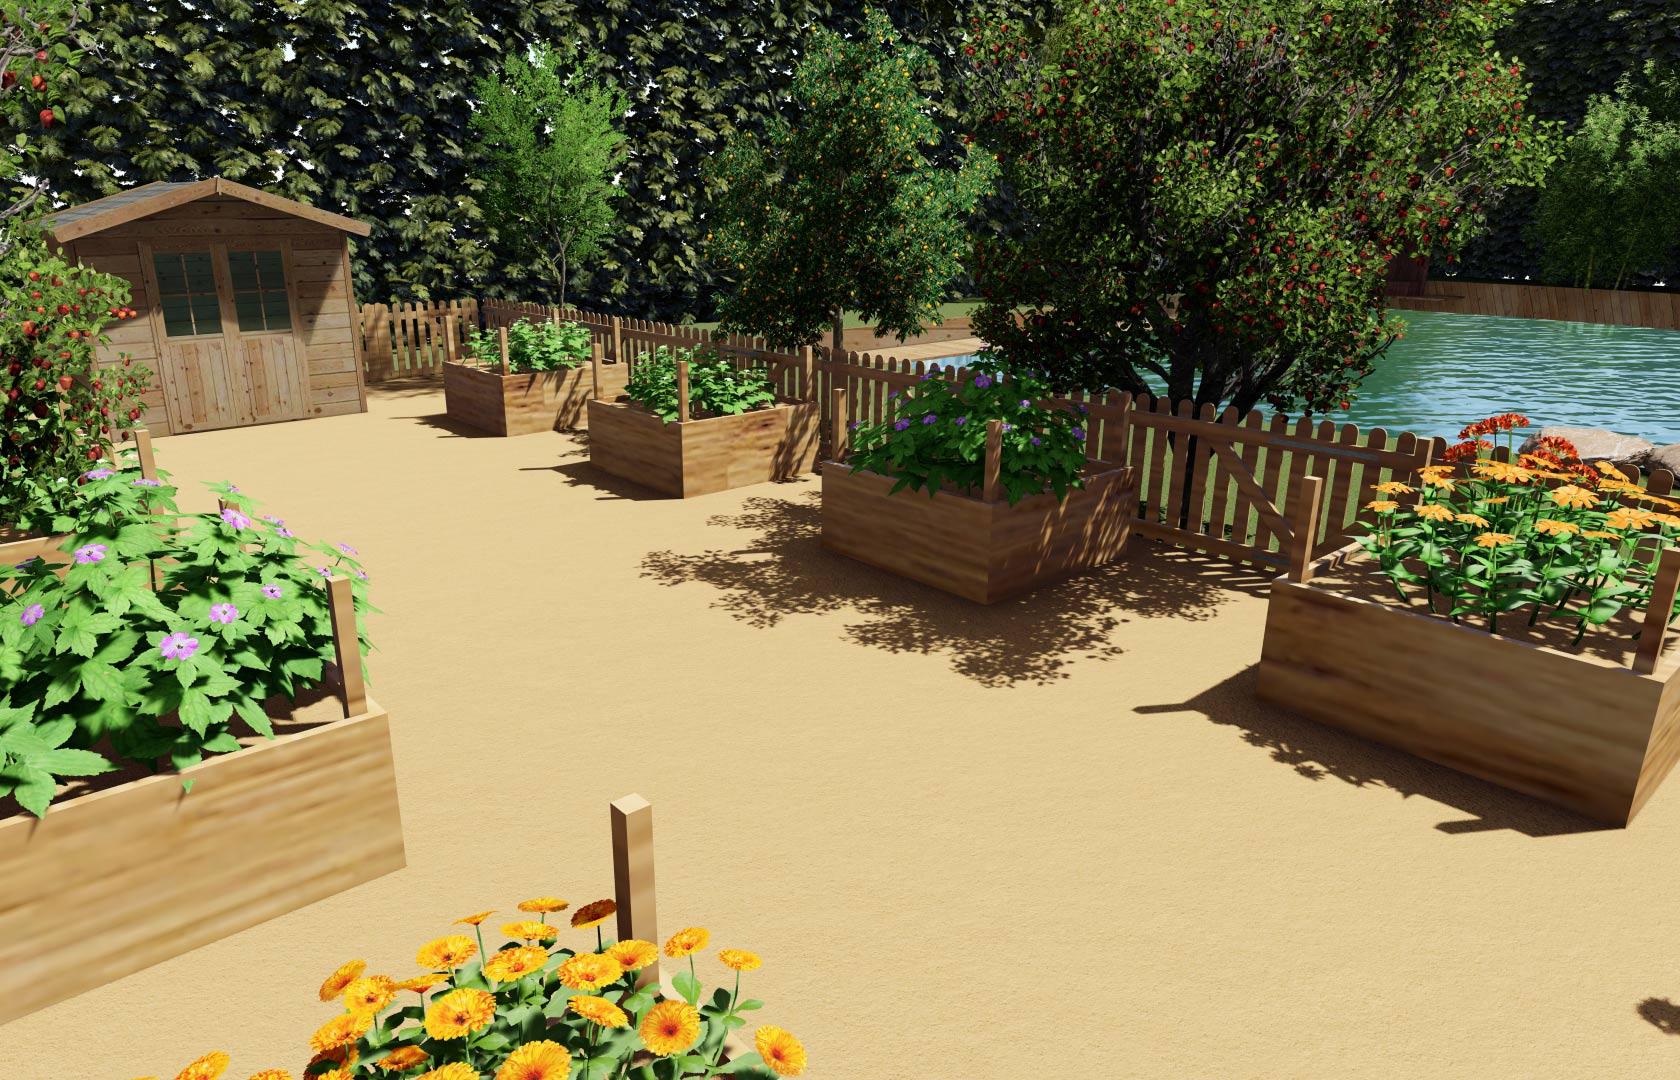 Créateur d'extérieurs, nous concevons votre jardin selon vos besoins.